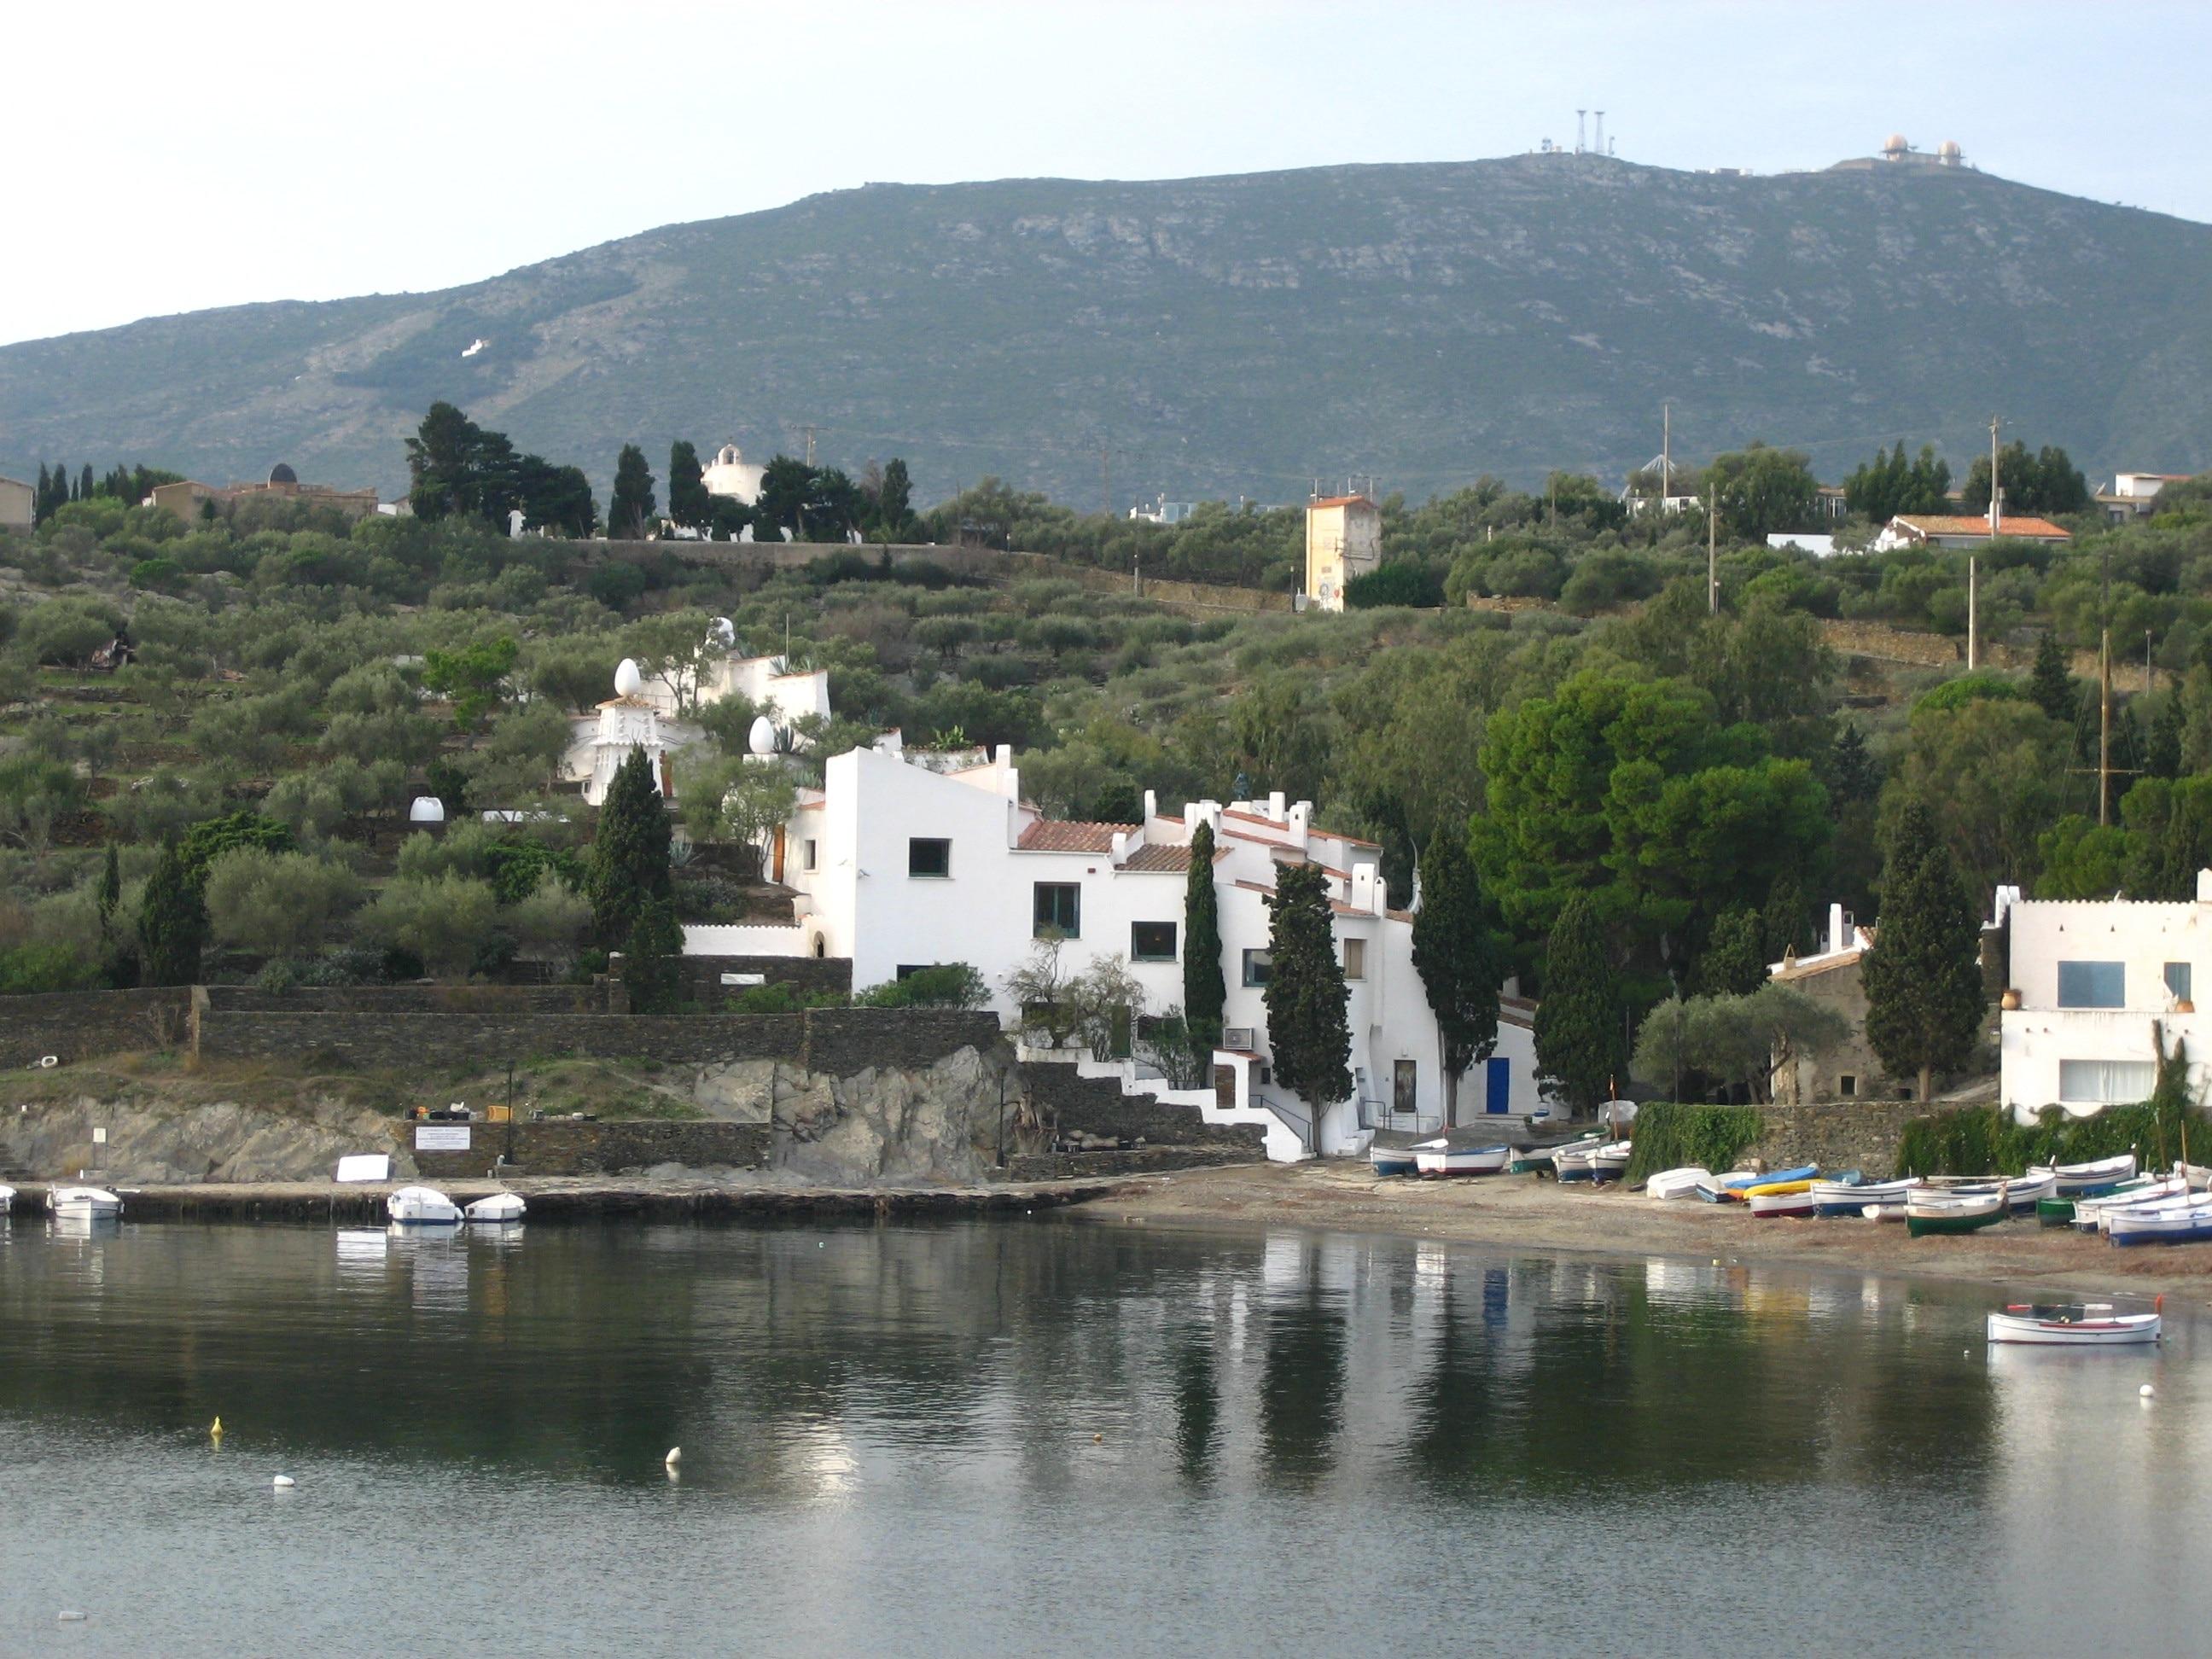 Salvador Dali House, Cadaques, Catalonia, Spain